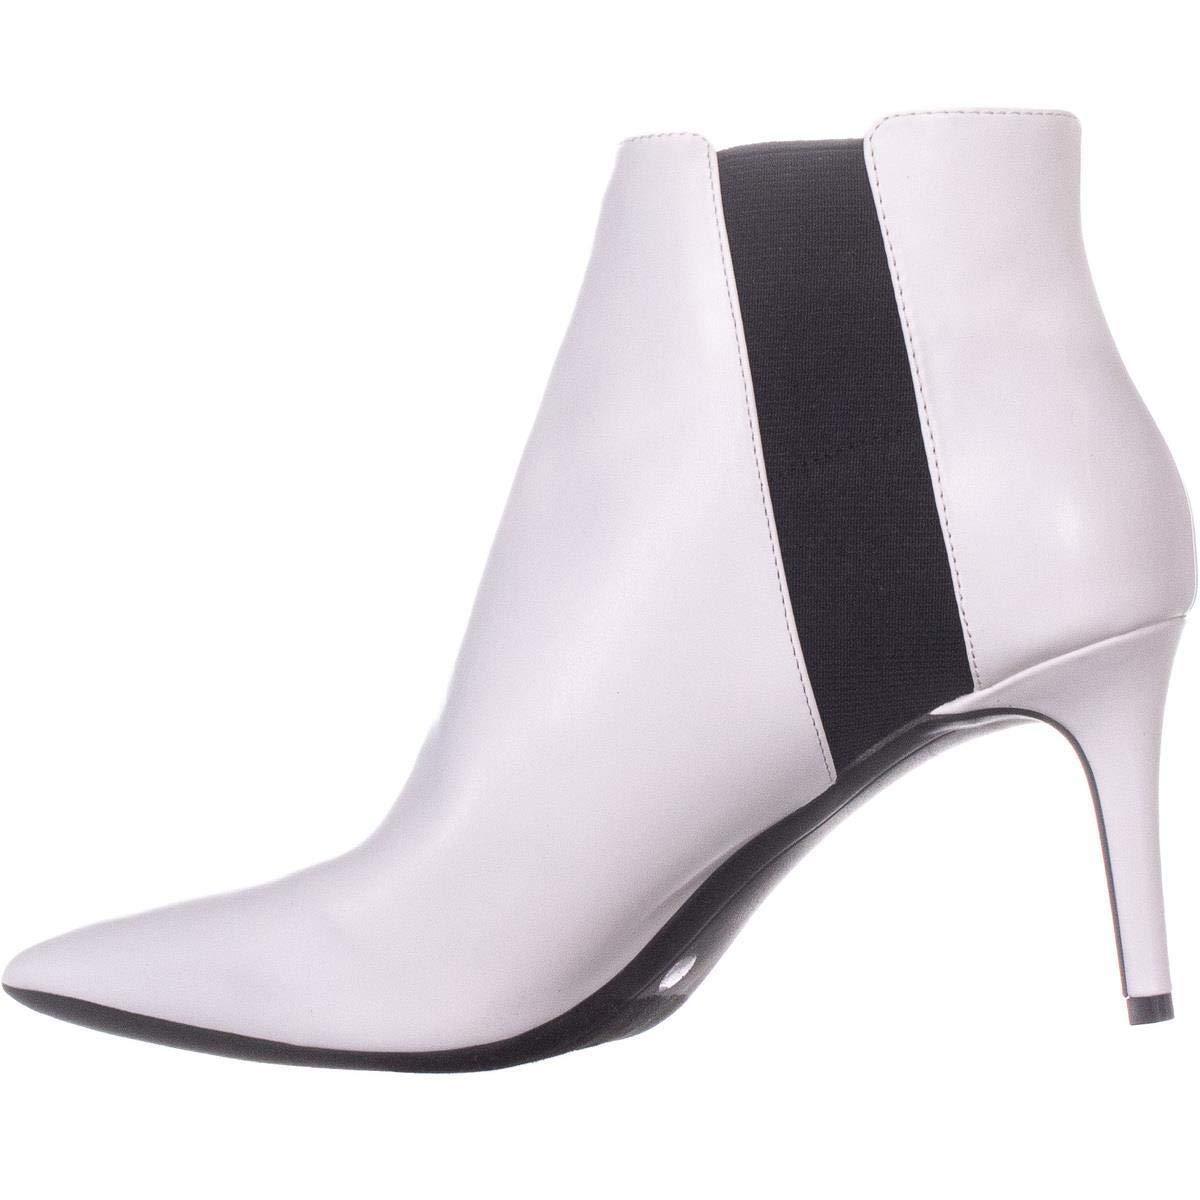 8956d04863ff I35 Irsia Pointed Toe Ankle Boots, Bright White, 5.5 US: I35:  Amazon.com.au: Fashion